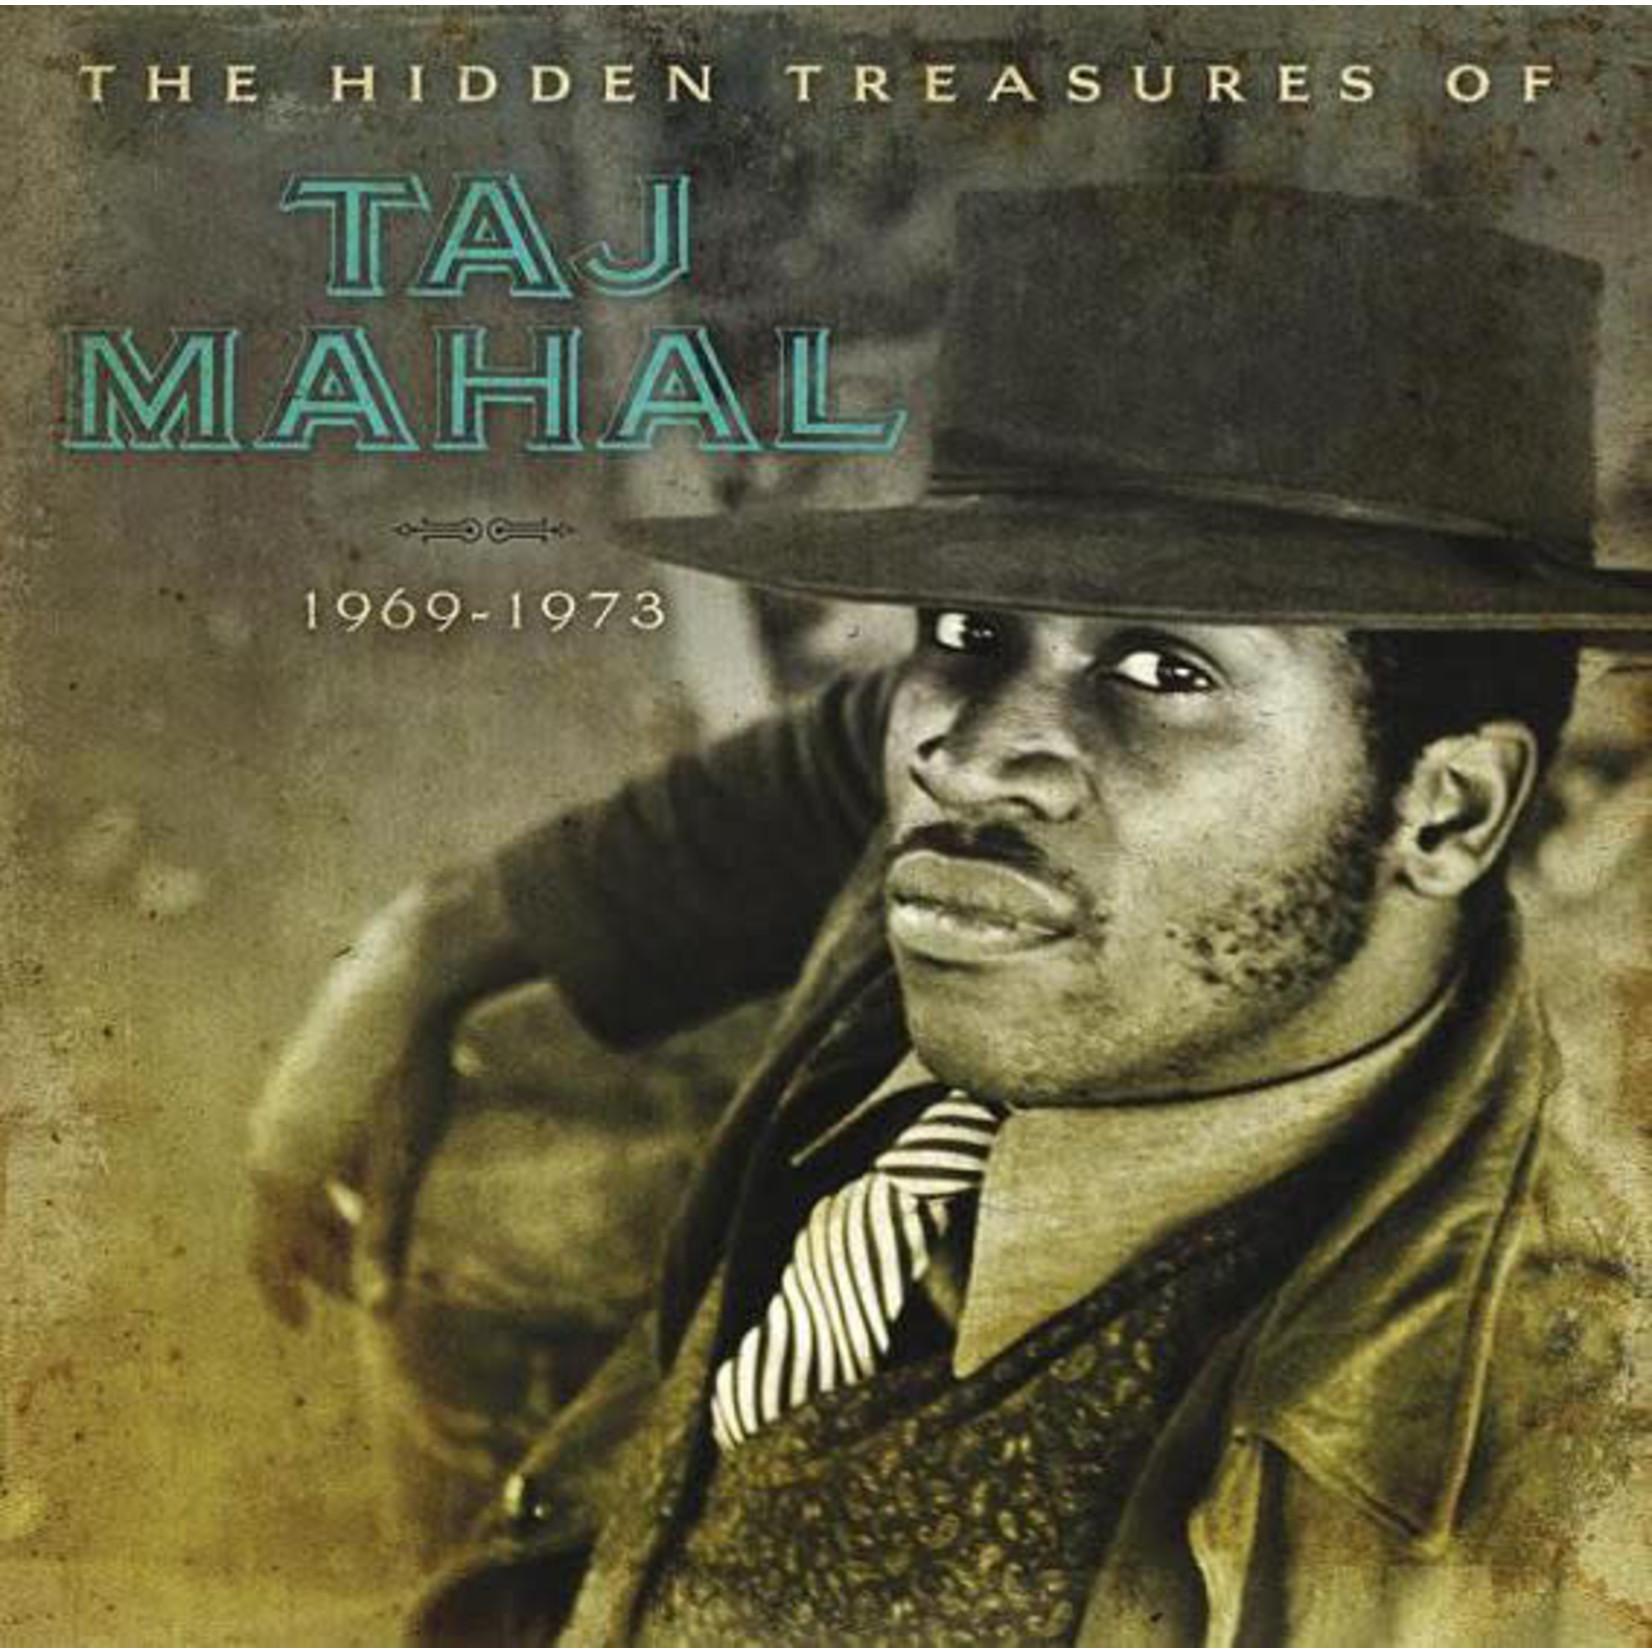 Vinyl Taj Mahal - The Hidden Treasures 1969-1973